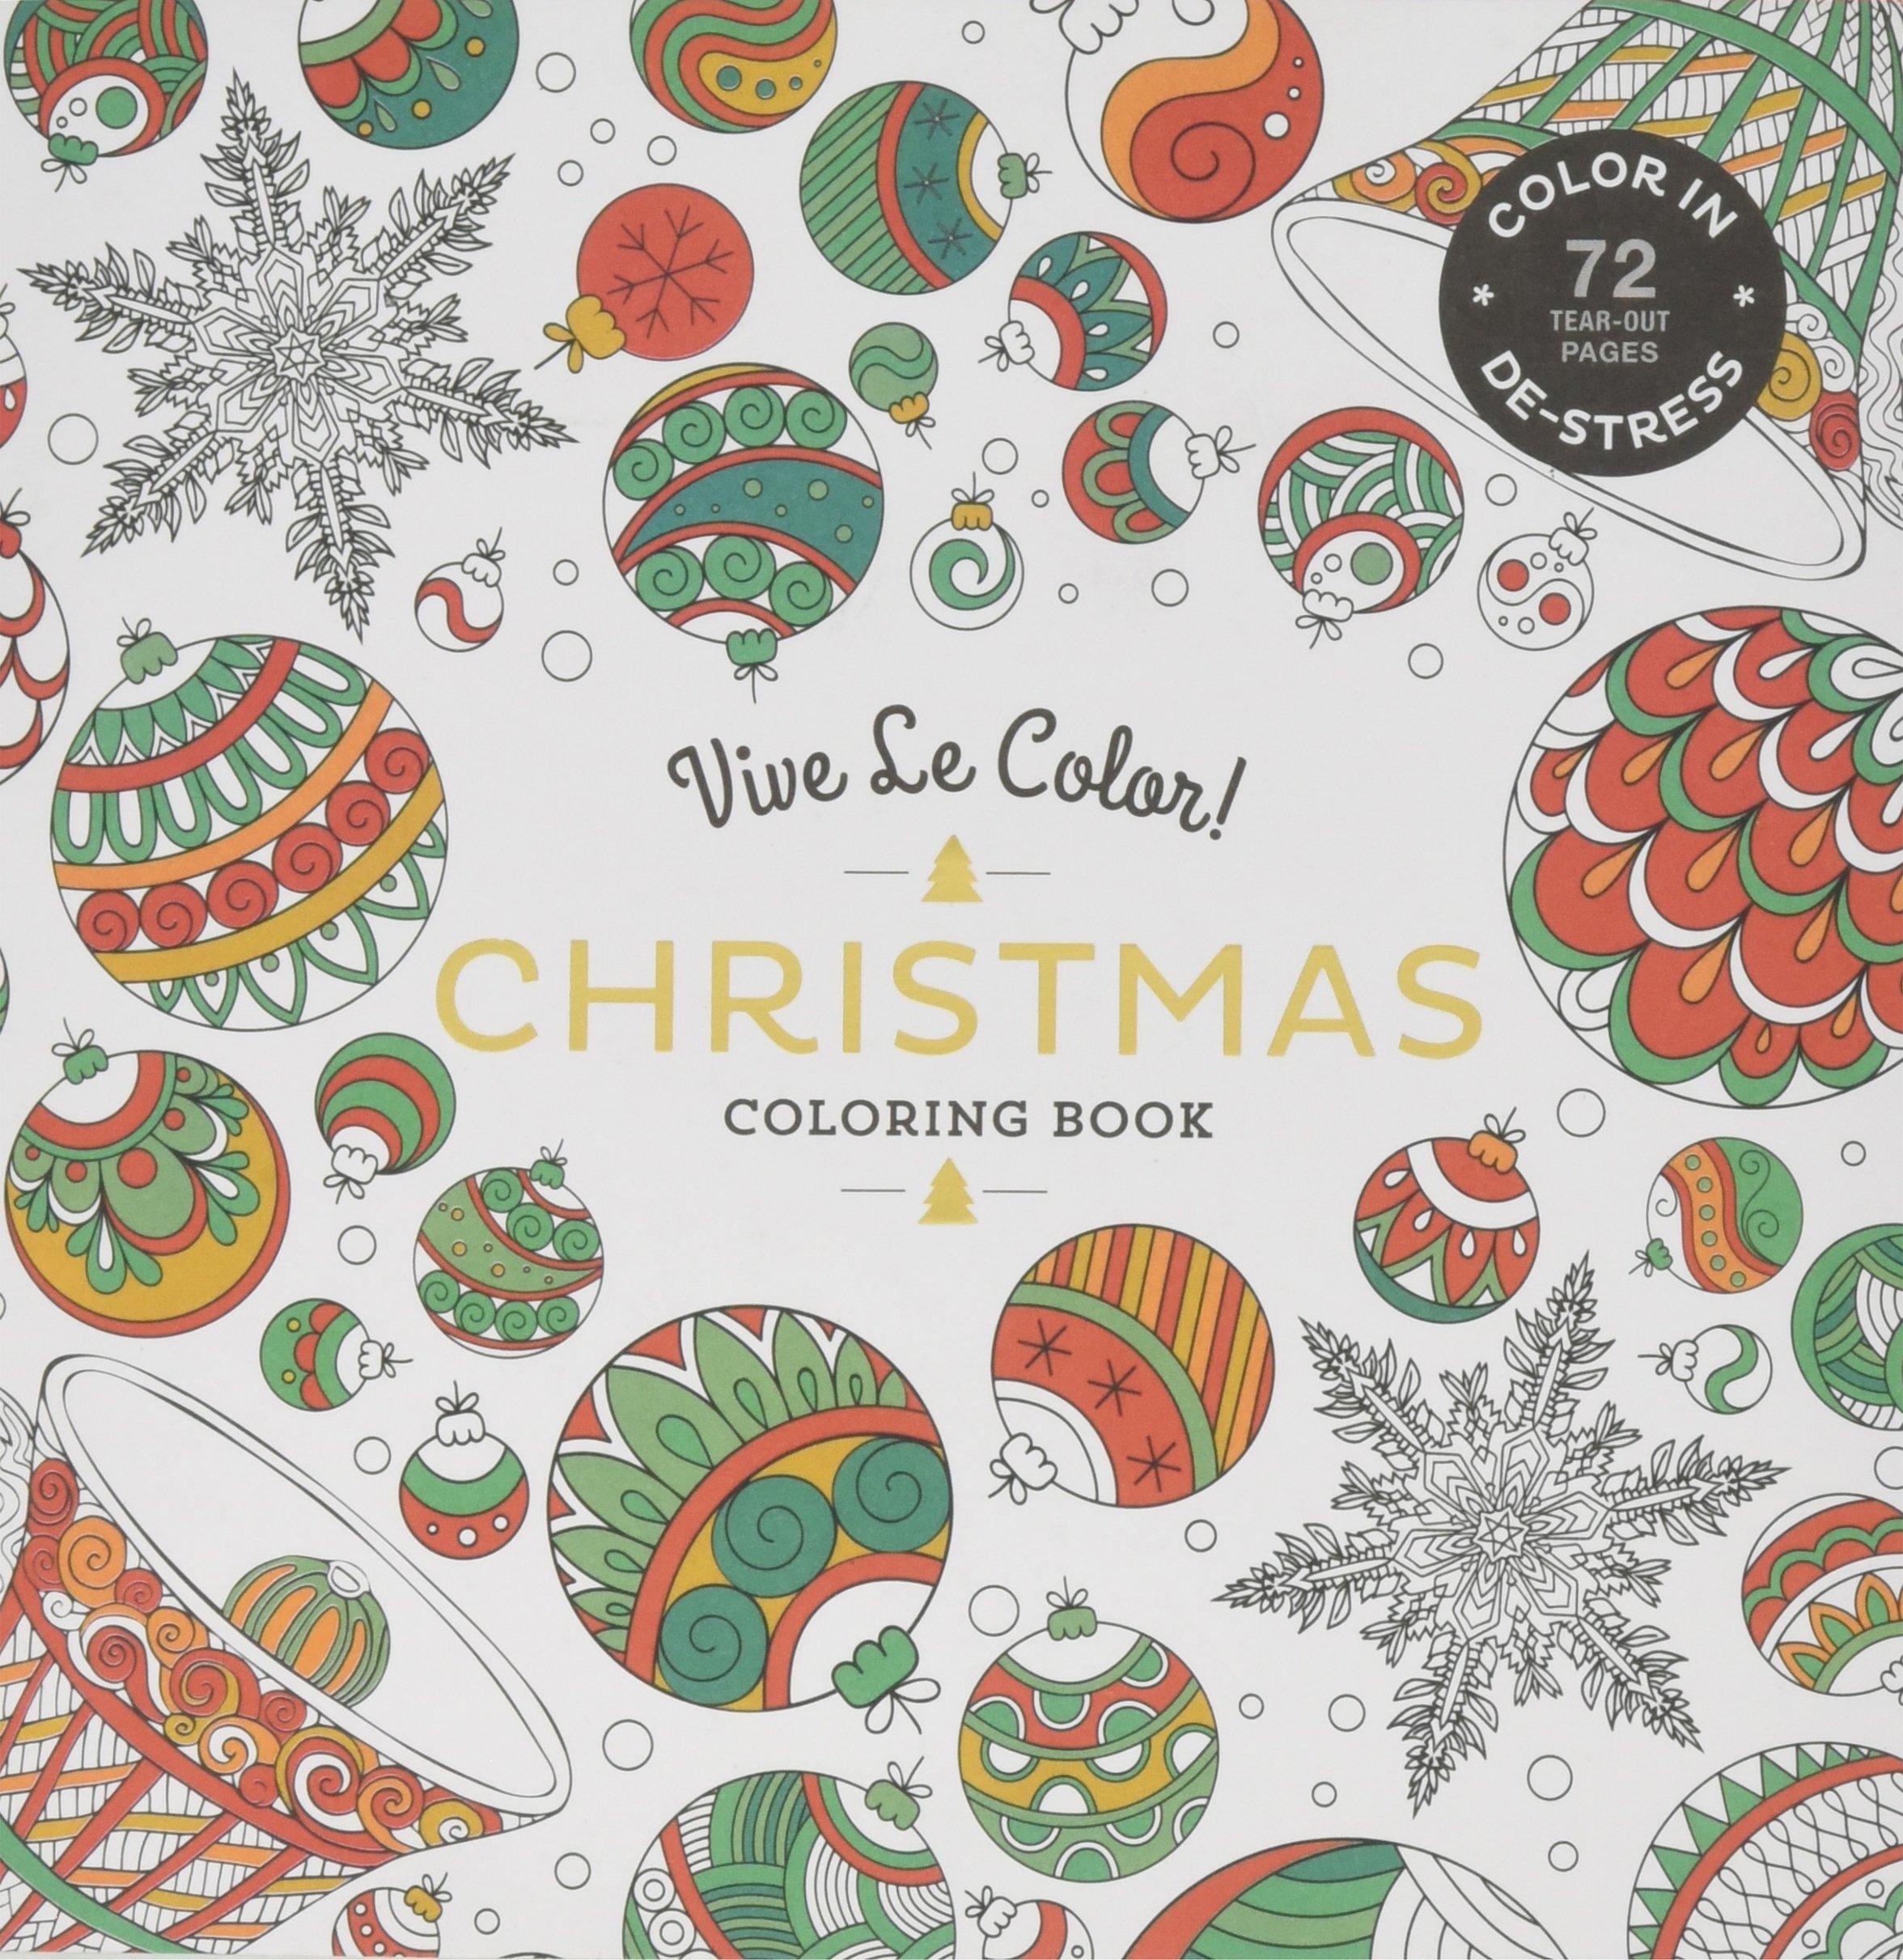 Vive Le Color! Christmas (Adult Coloring Book): Color In; De-stress (72 Tear-out Pages) PDF